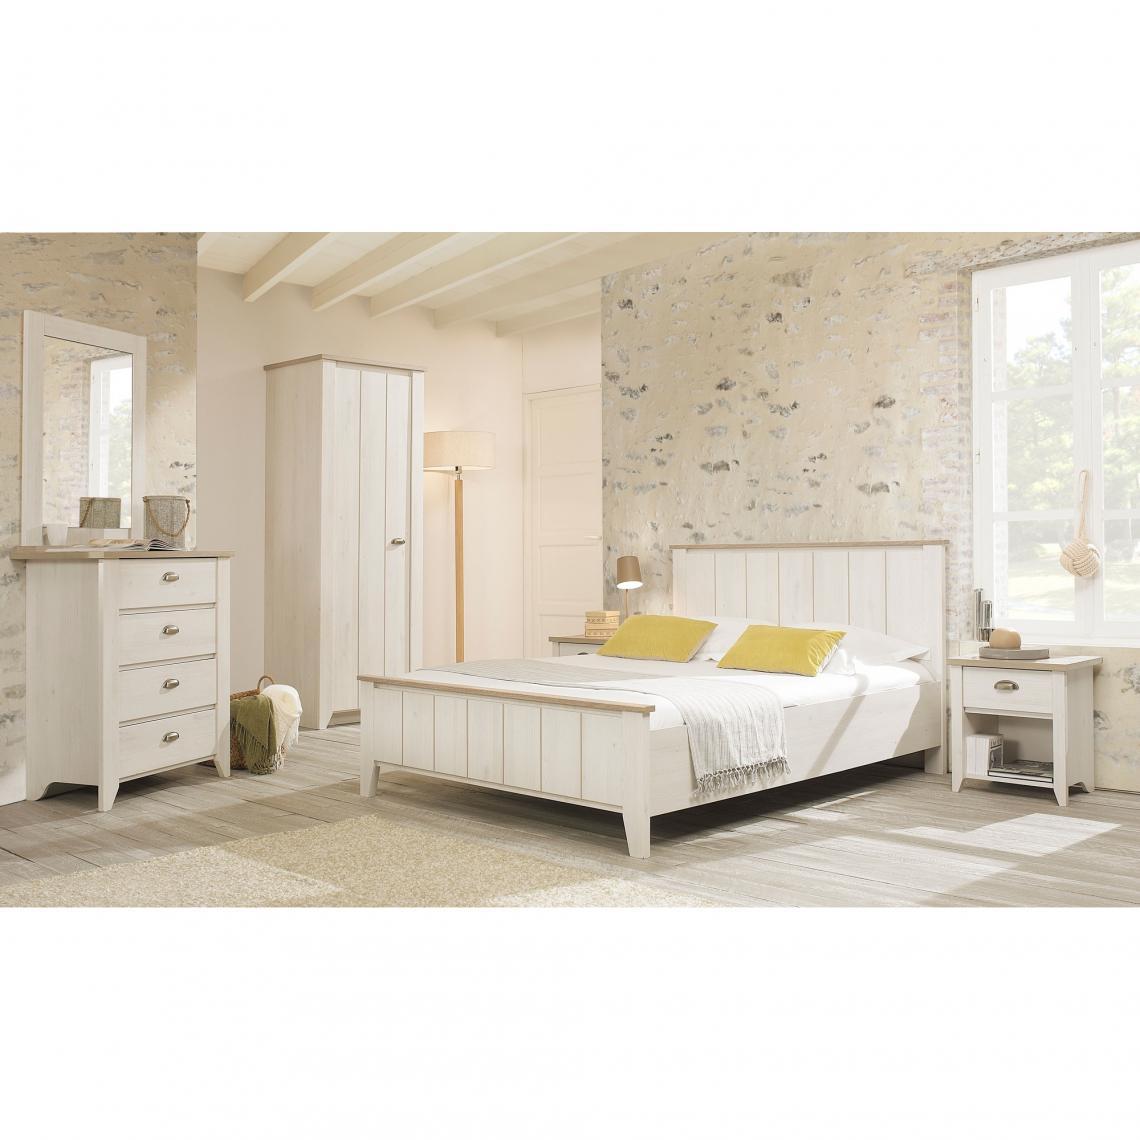 Commode 4 tiroirs Ellen Gami - Décor cerisier blanchi   chêne gris Gami 02de3a0e47f0